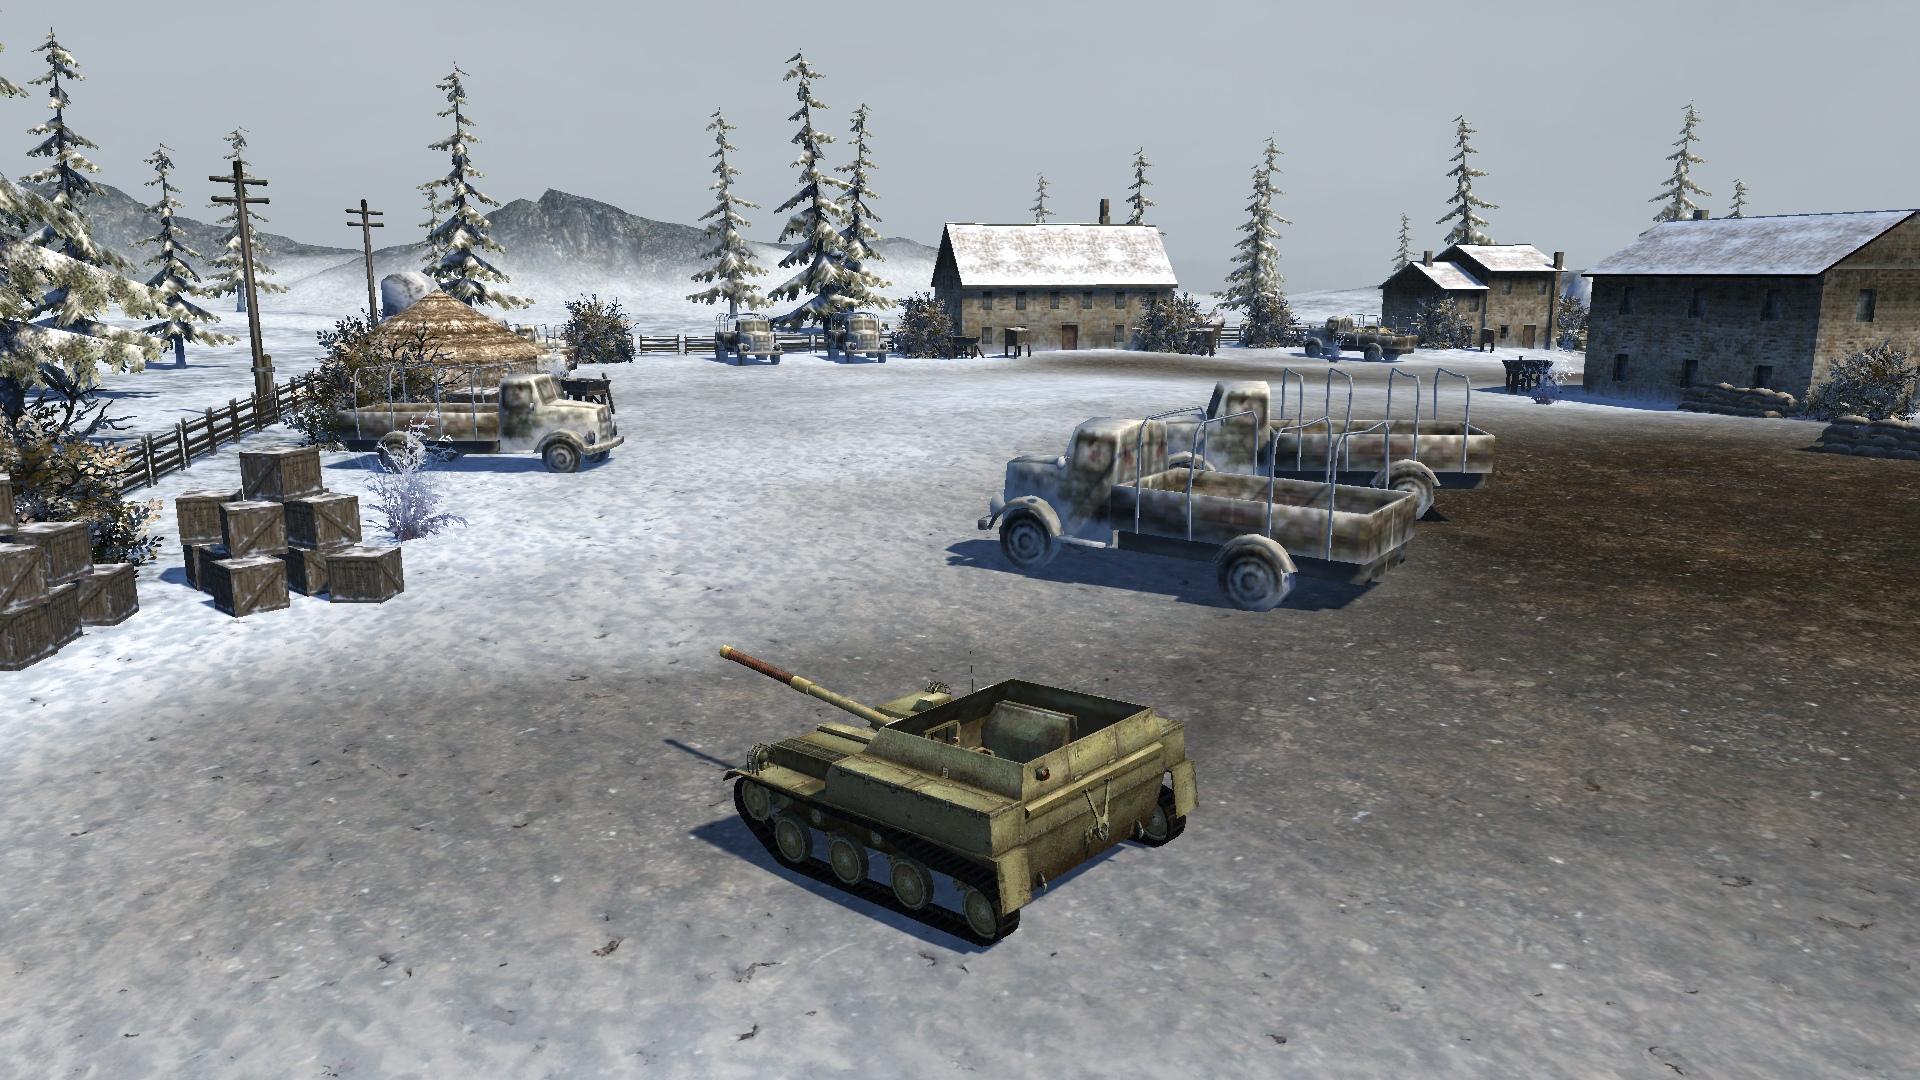 Игровая модель САУ АСУ-57 из игры Ground War: Tanks